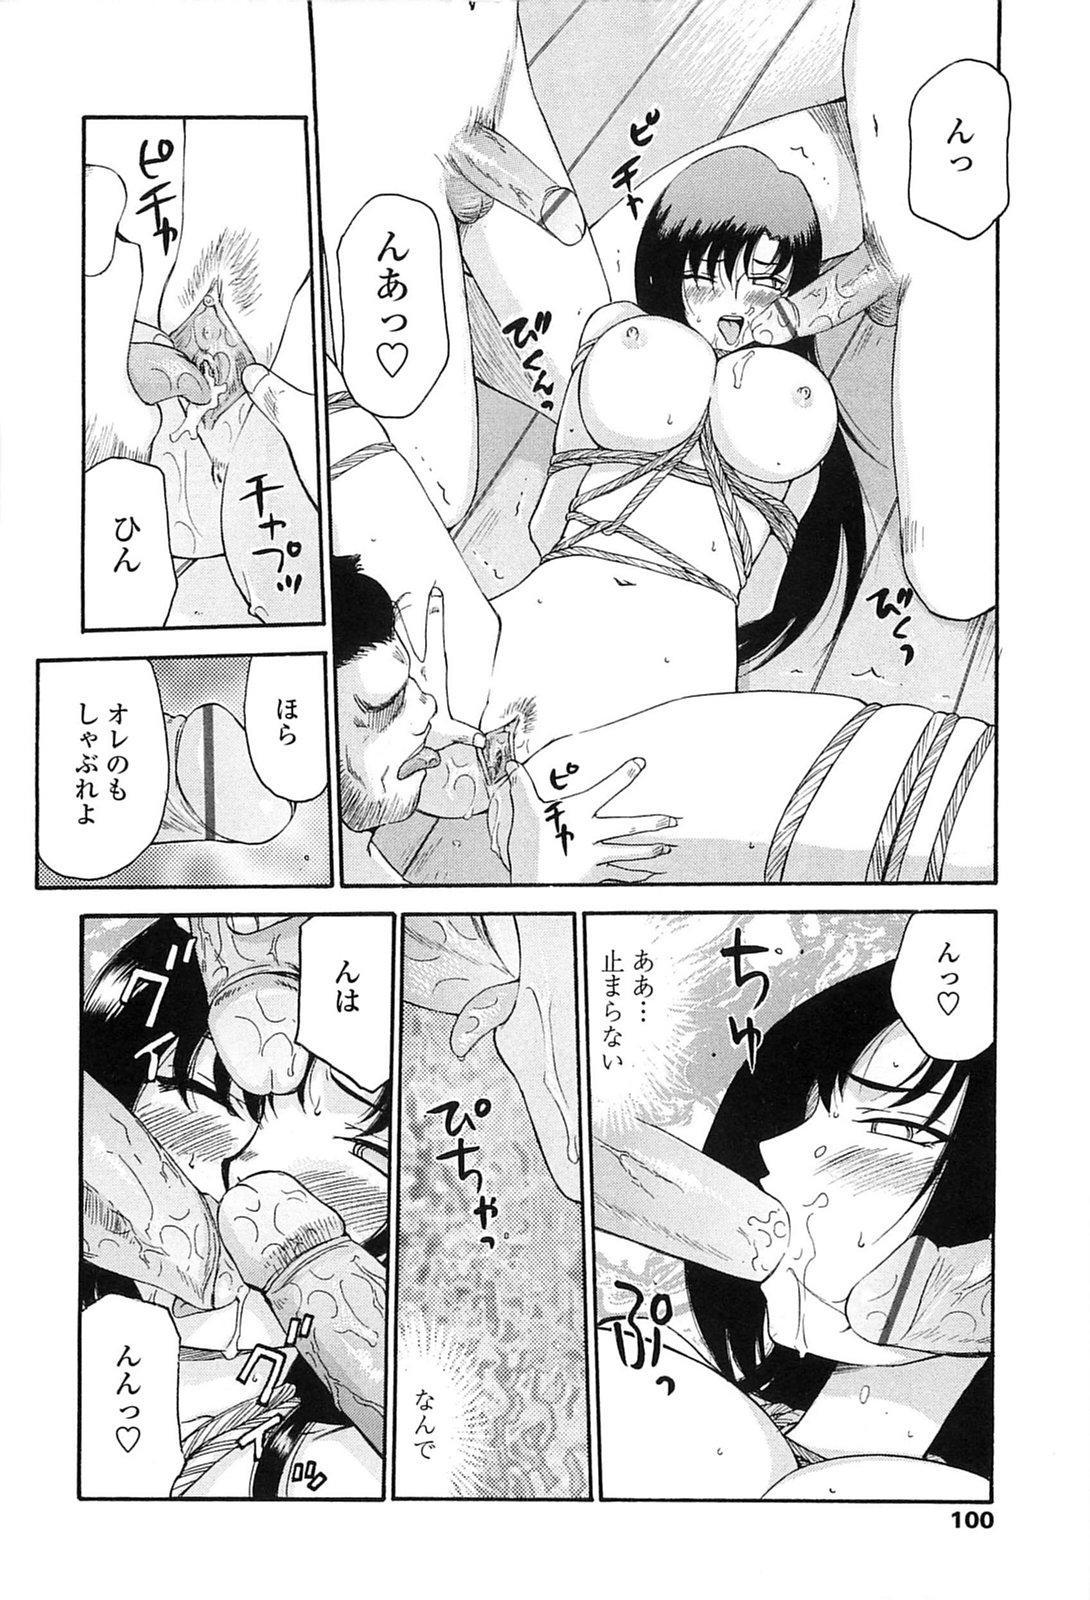 Ruriiro no Hana 96